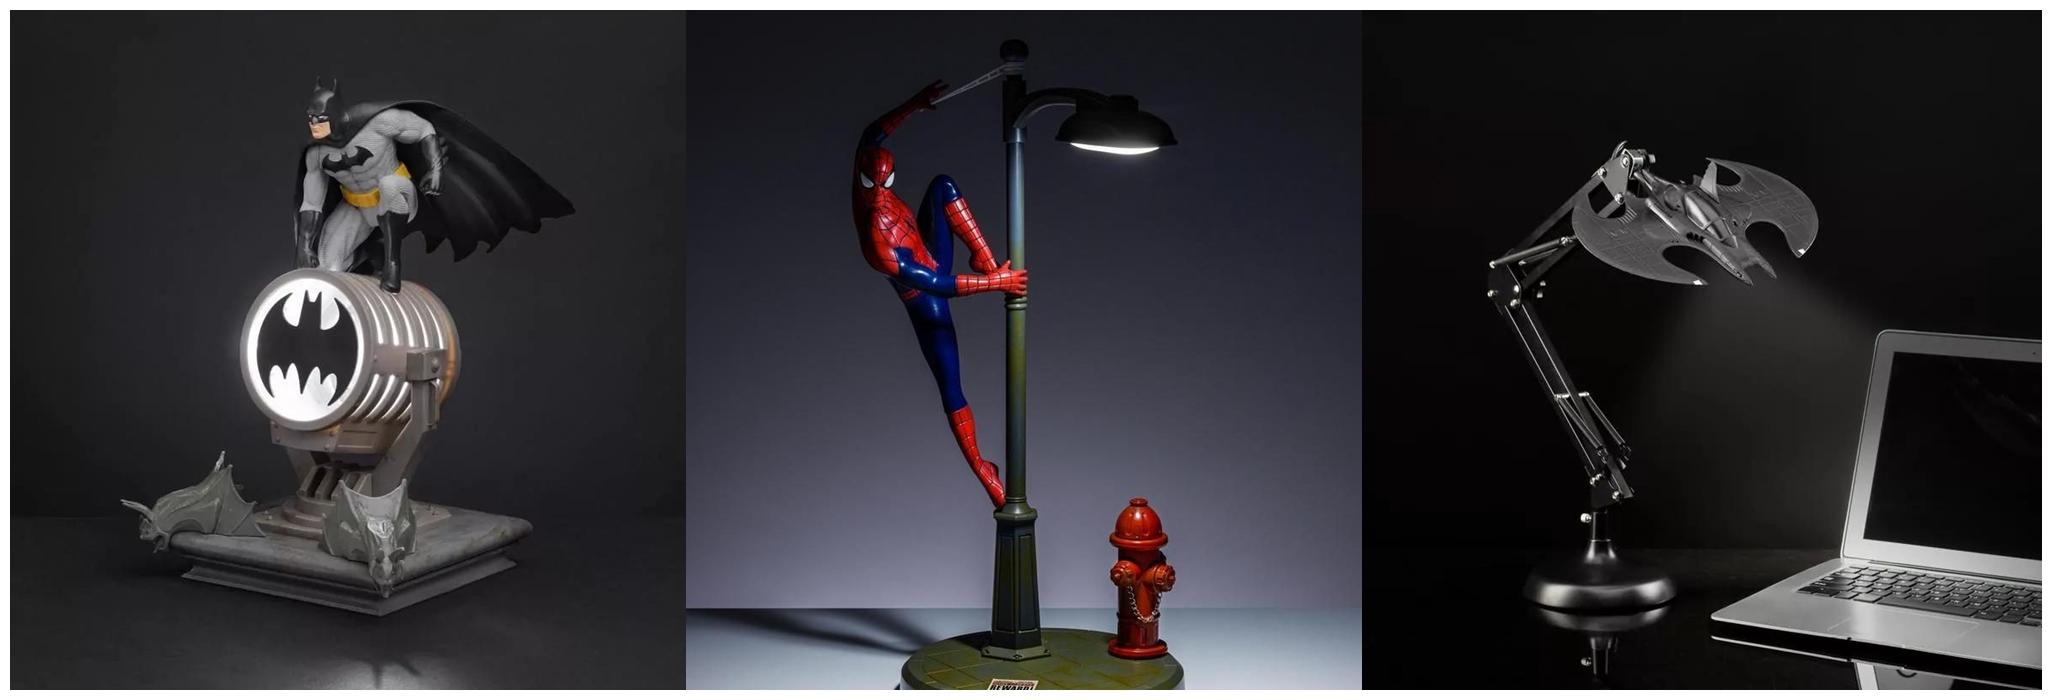 Originální lampičky s herními motivy pp6376bm batman figurine lamp lifestyle horz